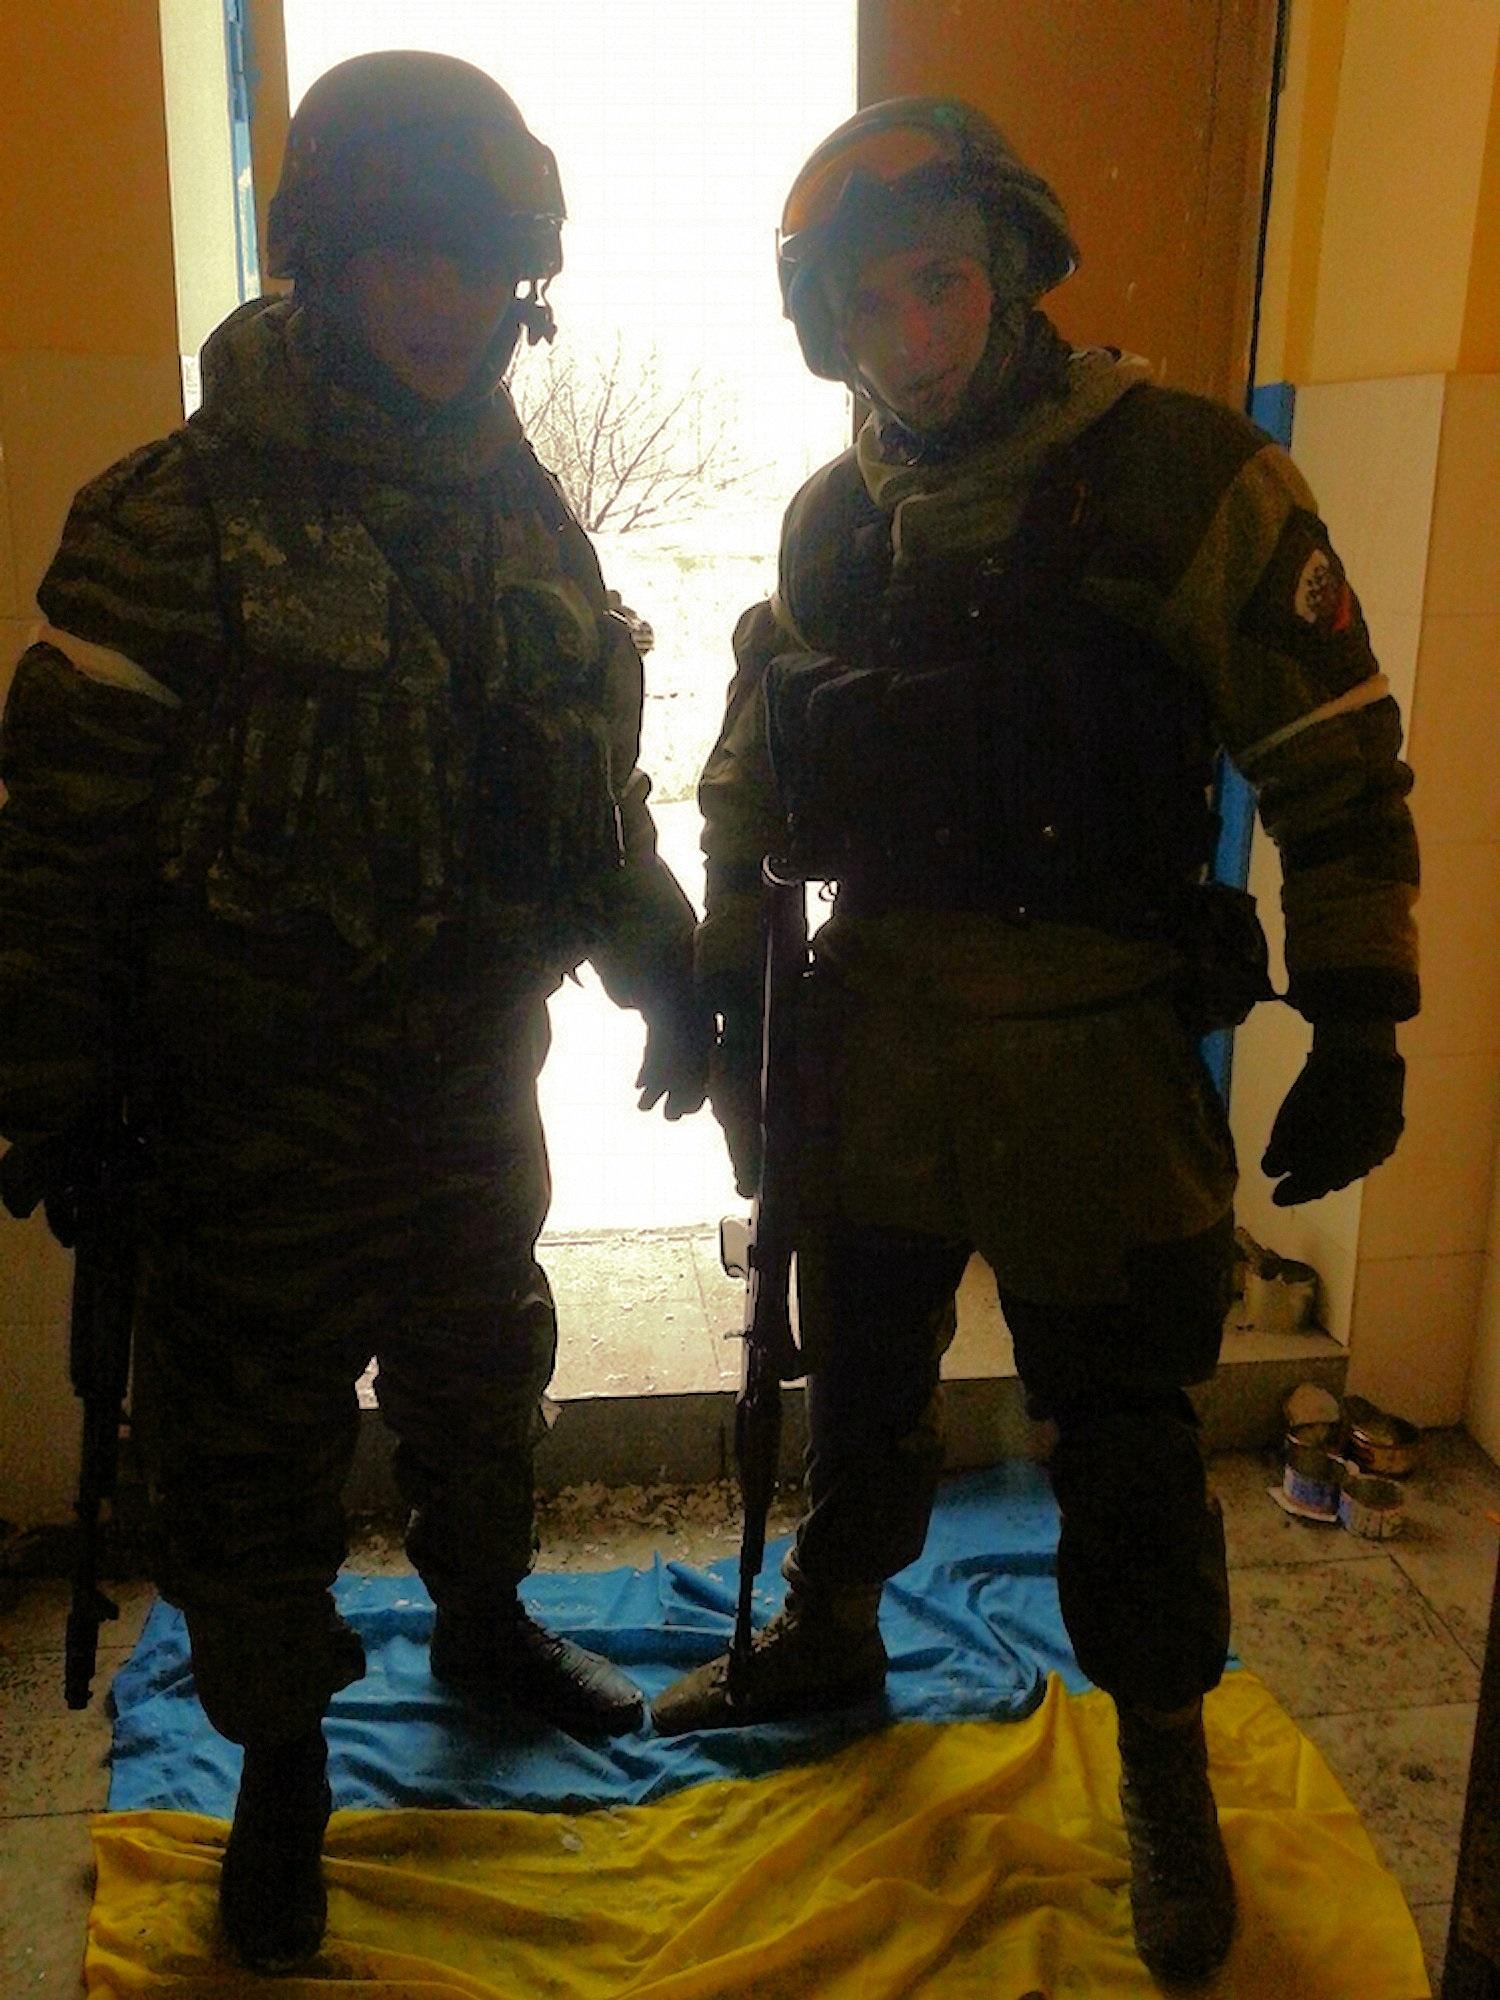 00-debaltsevo-soldiers-01-060716